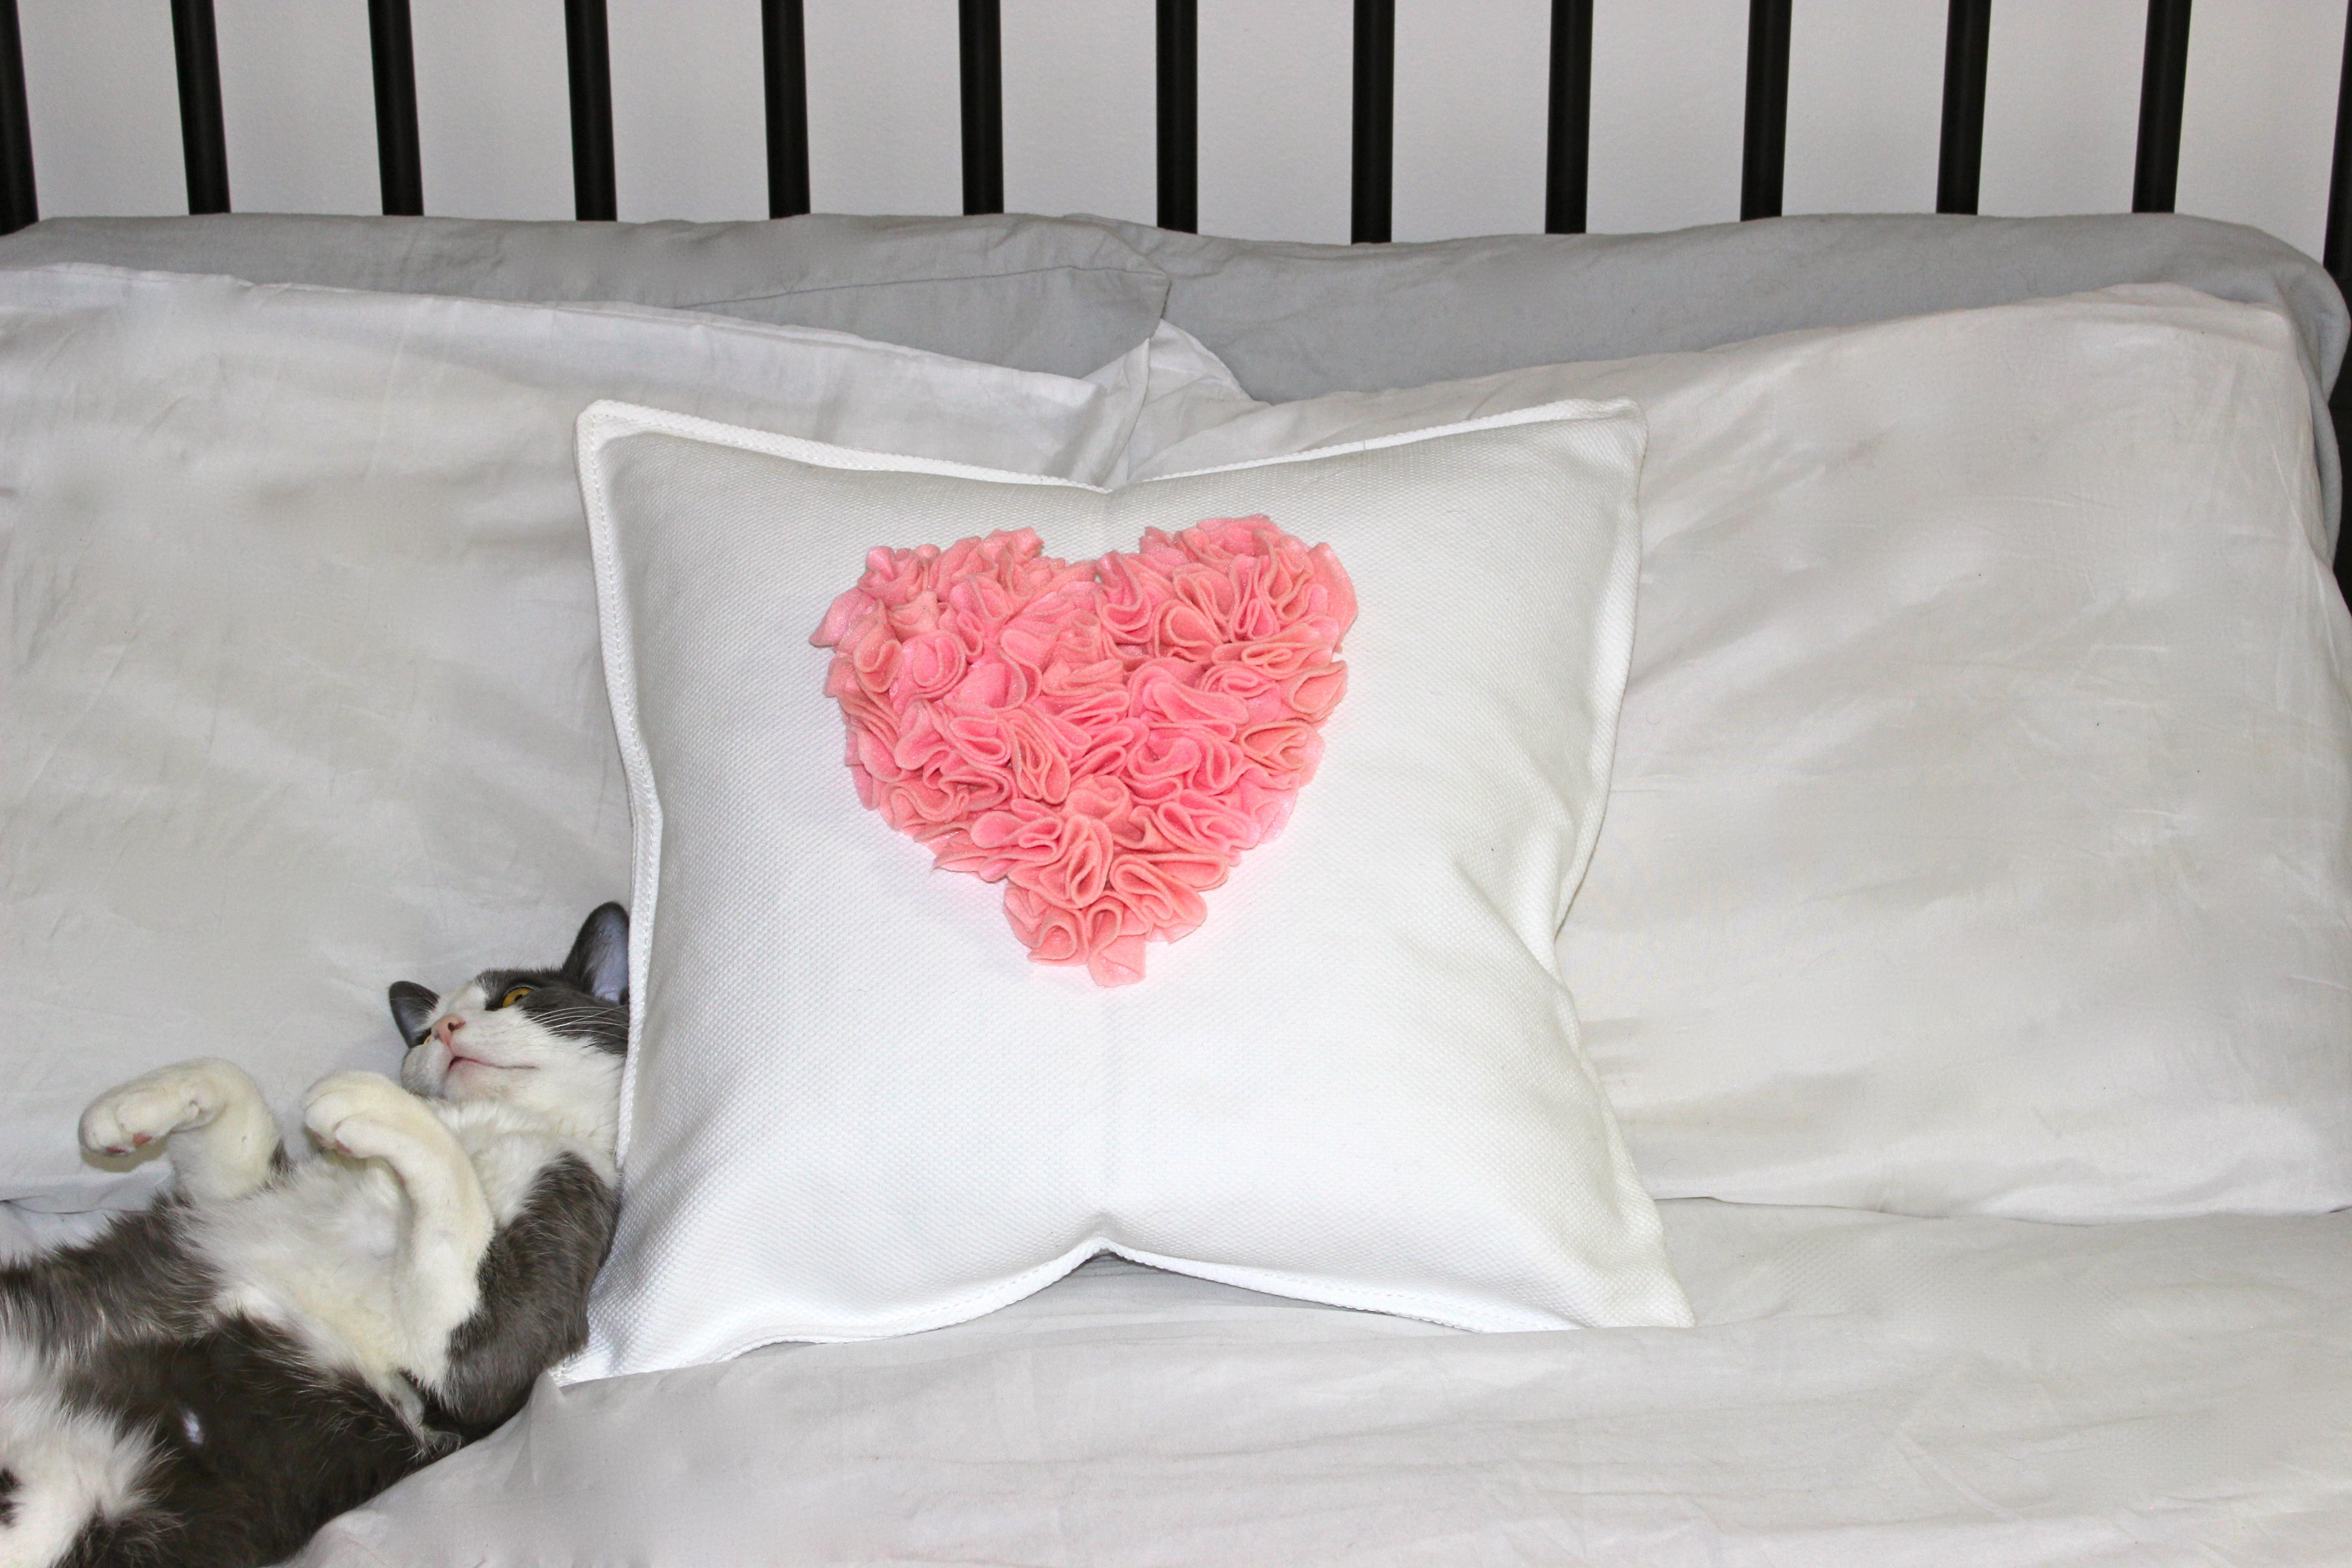 decorative throw pillow diy - girls of t.o. Diy Decorative Throw Pillows